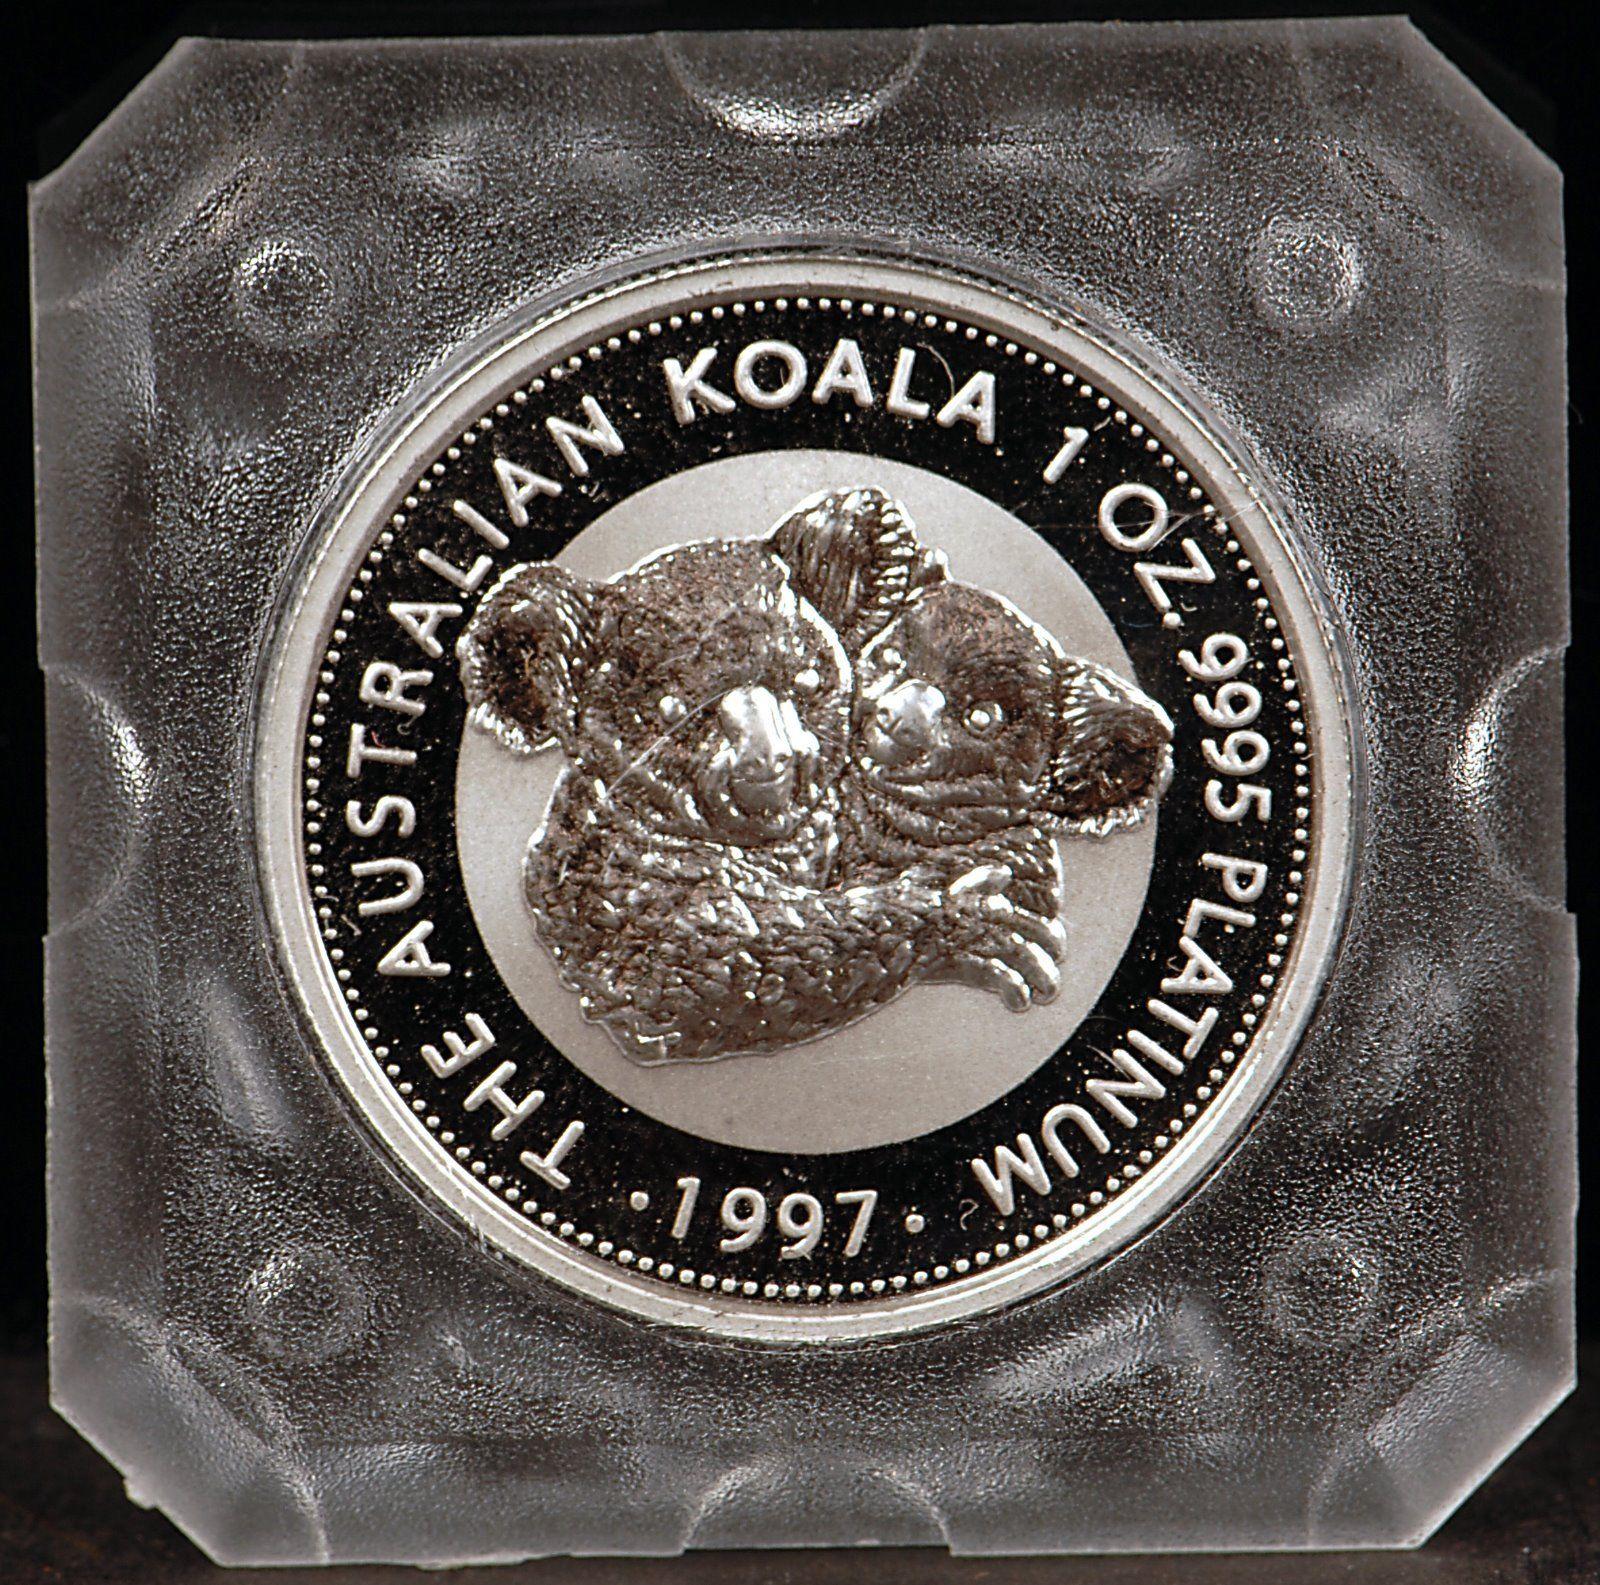 Coins Australia 1997 Perth Mint 1oz Platinum Koala Coin